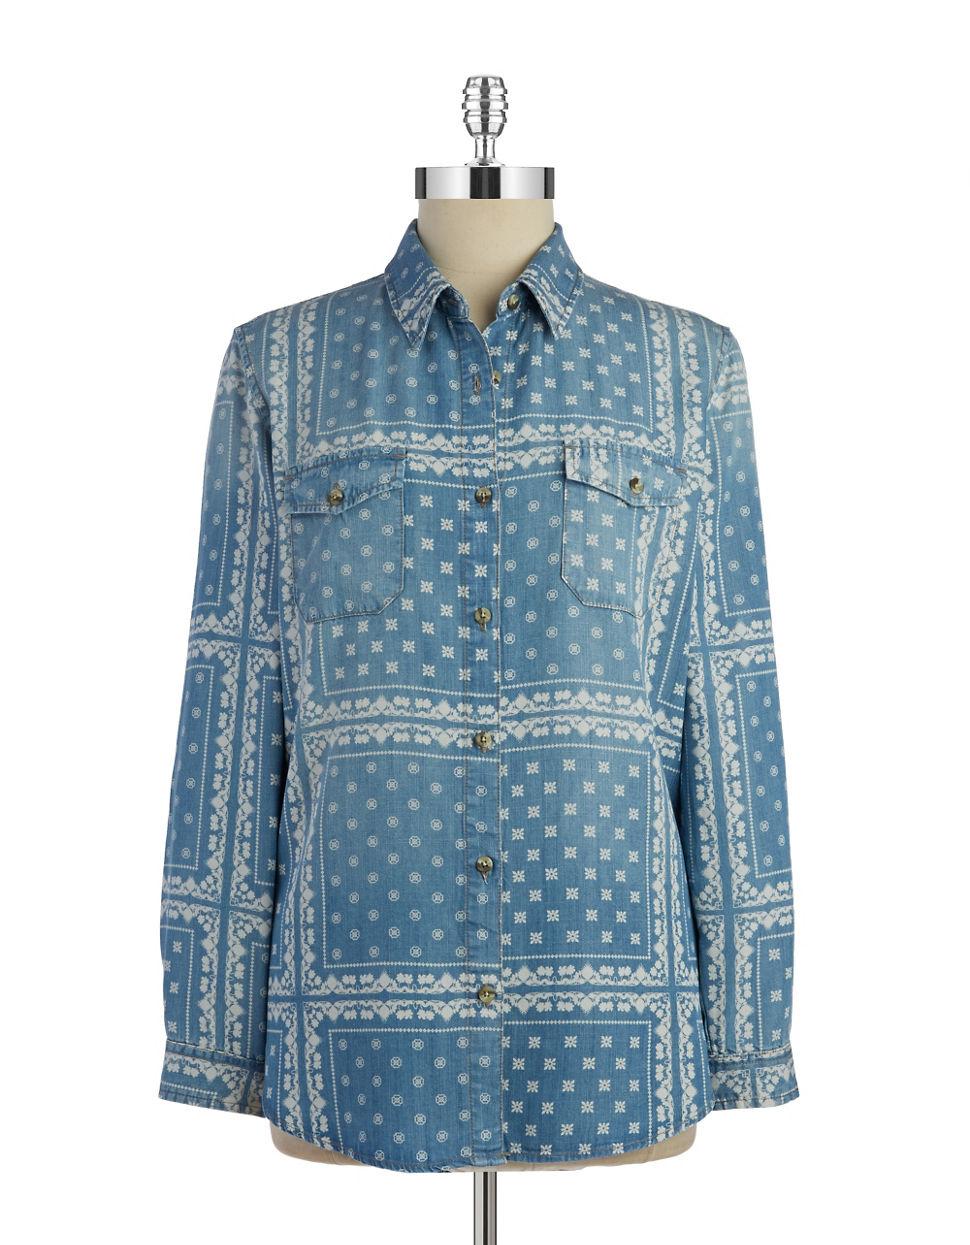 Thread & supply Printed Chambray Shirt